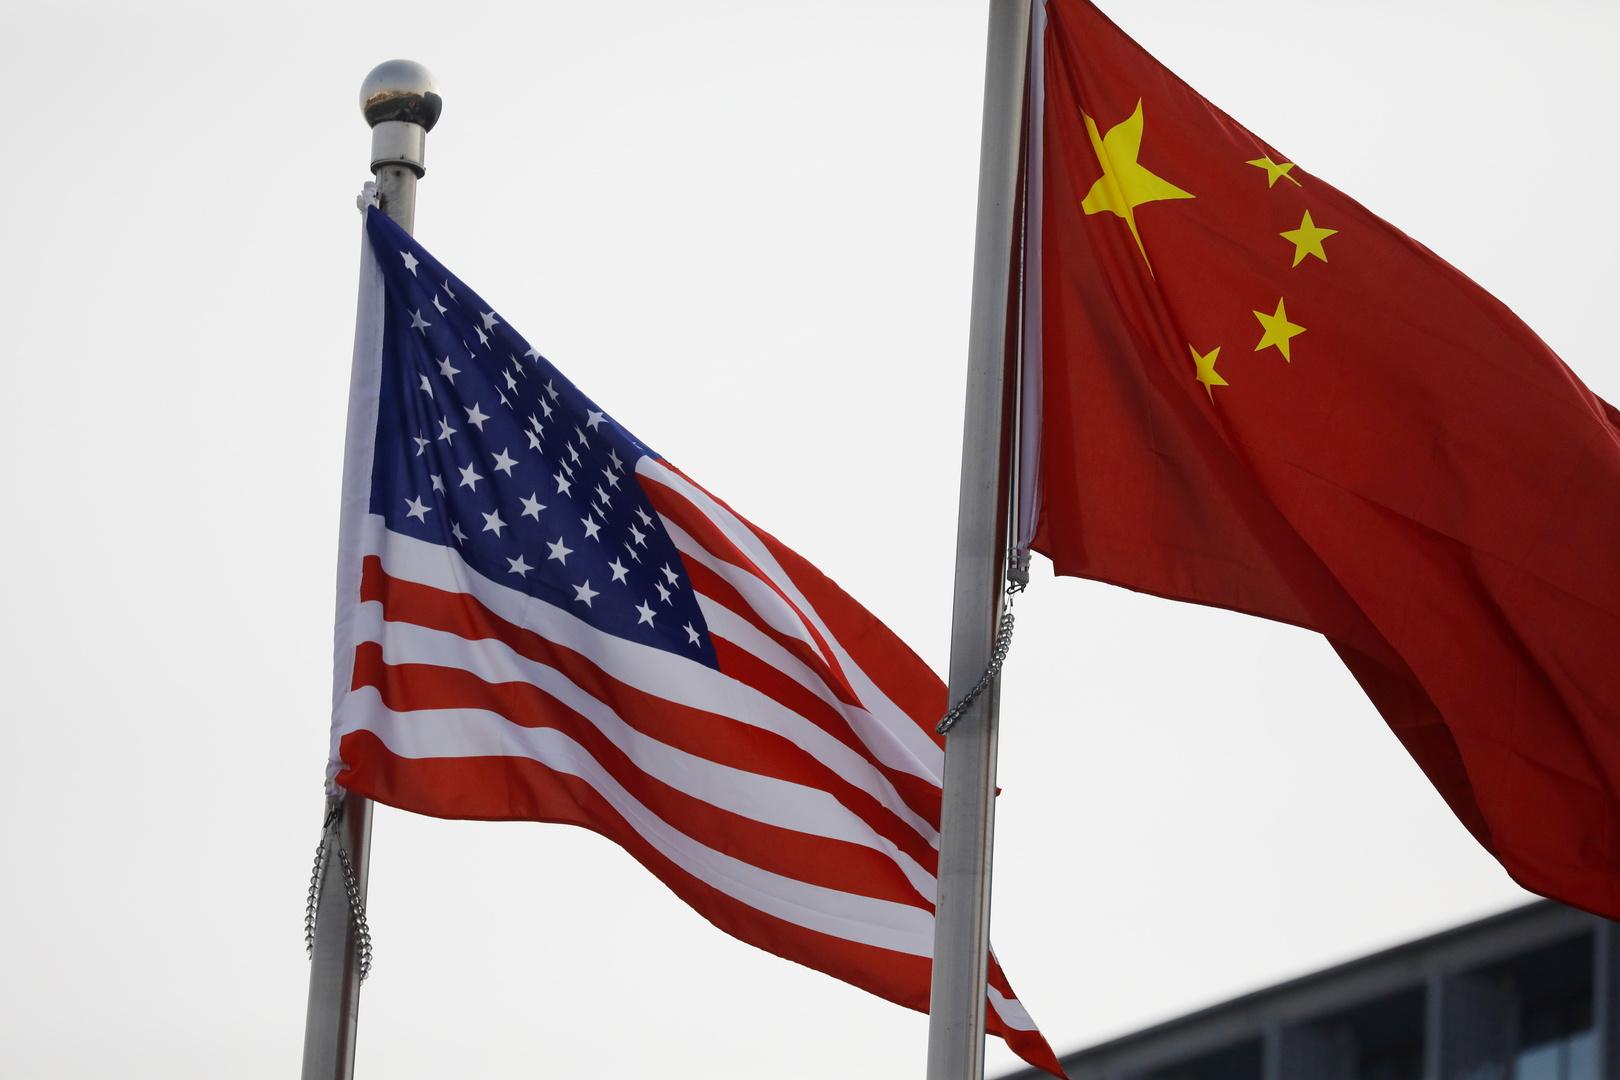 كيف انتزعت الصين الصدارة من الولايات المتحدة في التجارة مع أوروبا؟